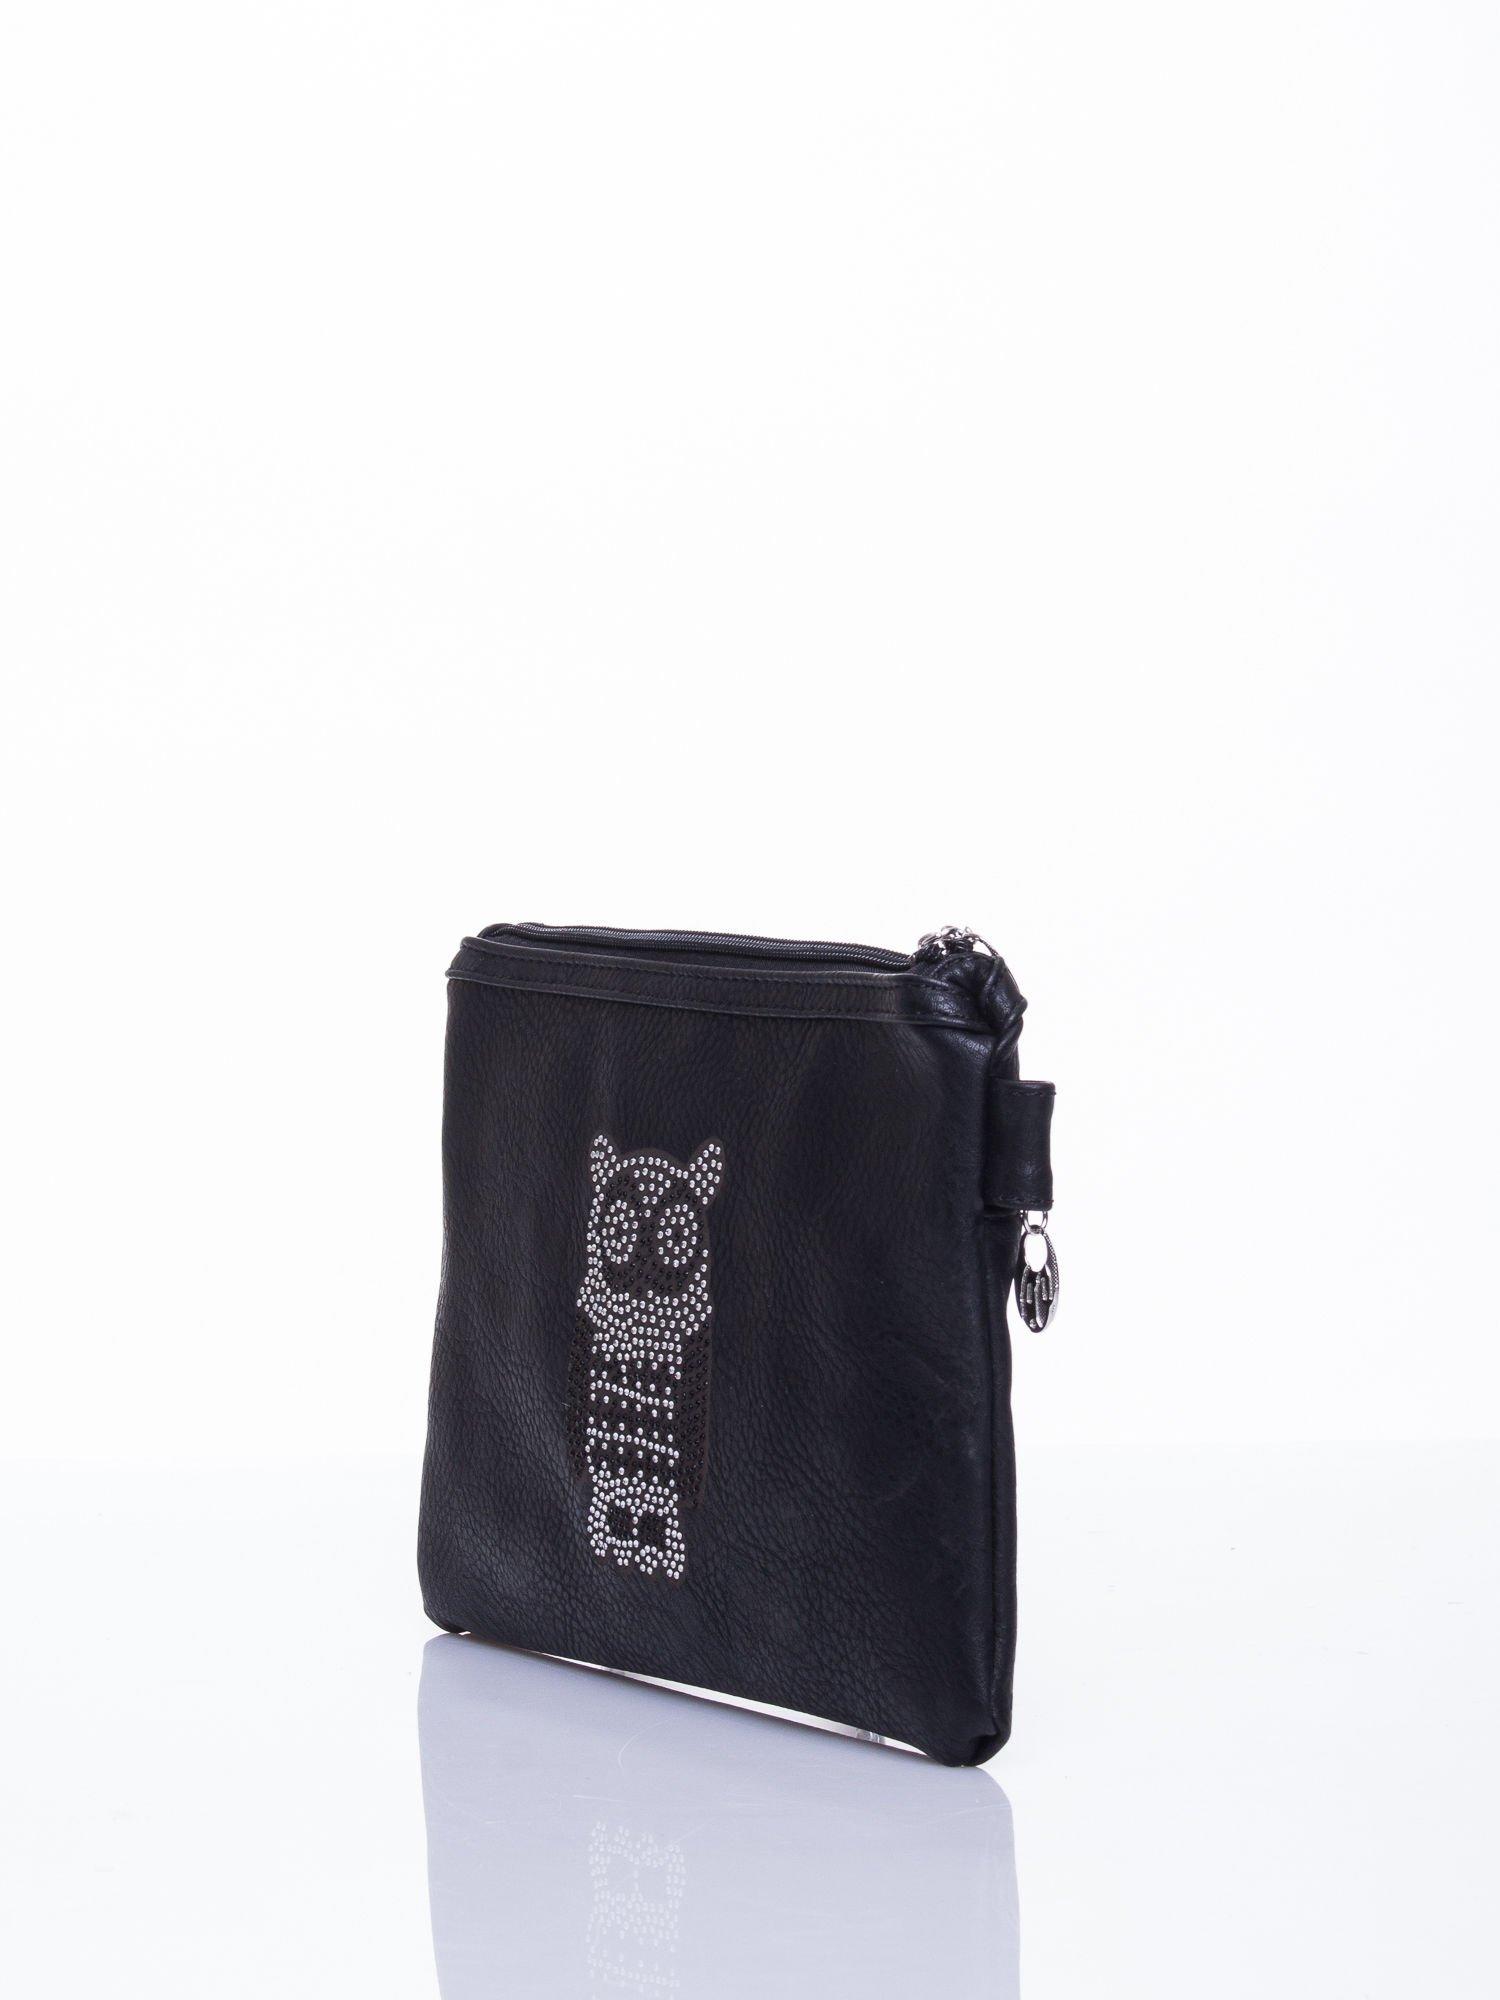 Czarna kopertówka z dżetami motyw sowy                                  zdj.                                  3